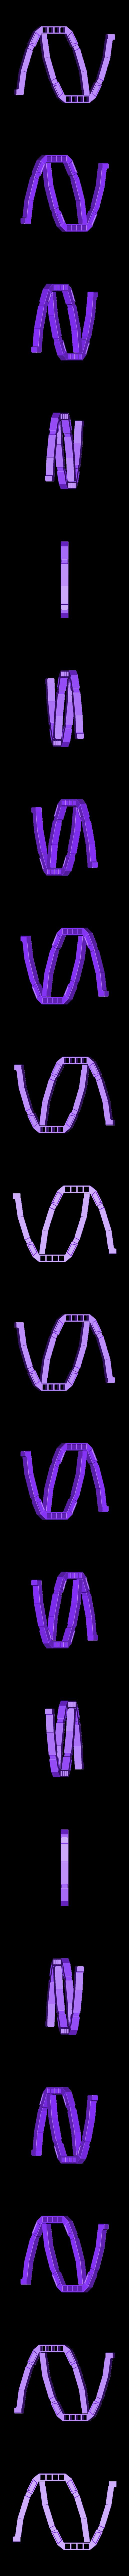 arms.stl Télécharger fichier STL gratuit Matrice Autobot du Leadership • Objet pour imprimante 3D, Yipham